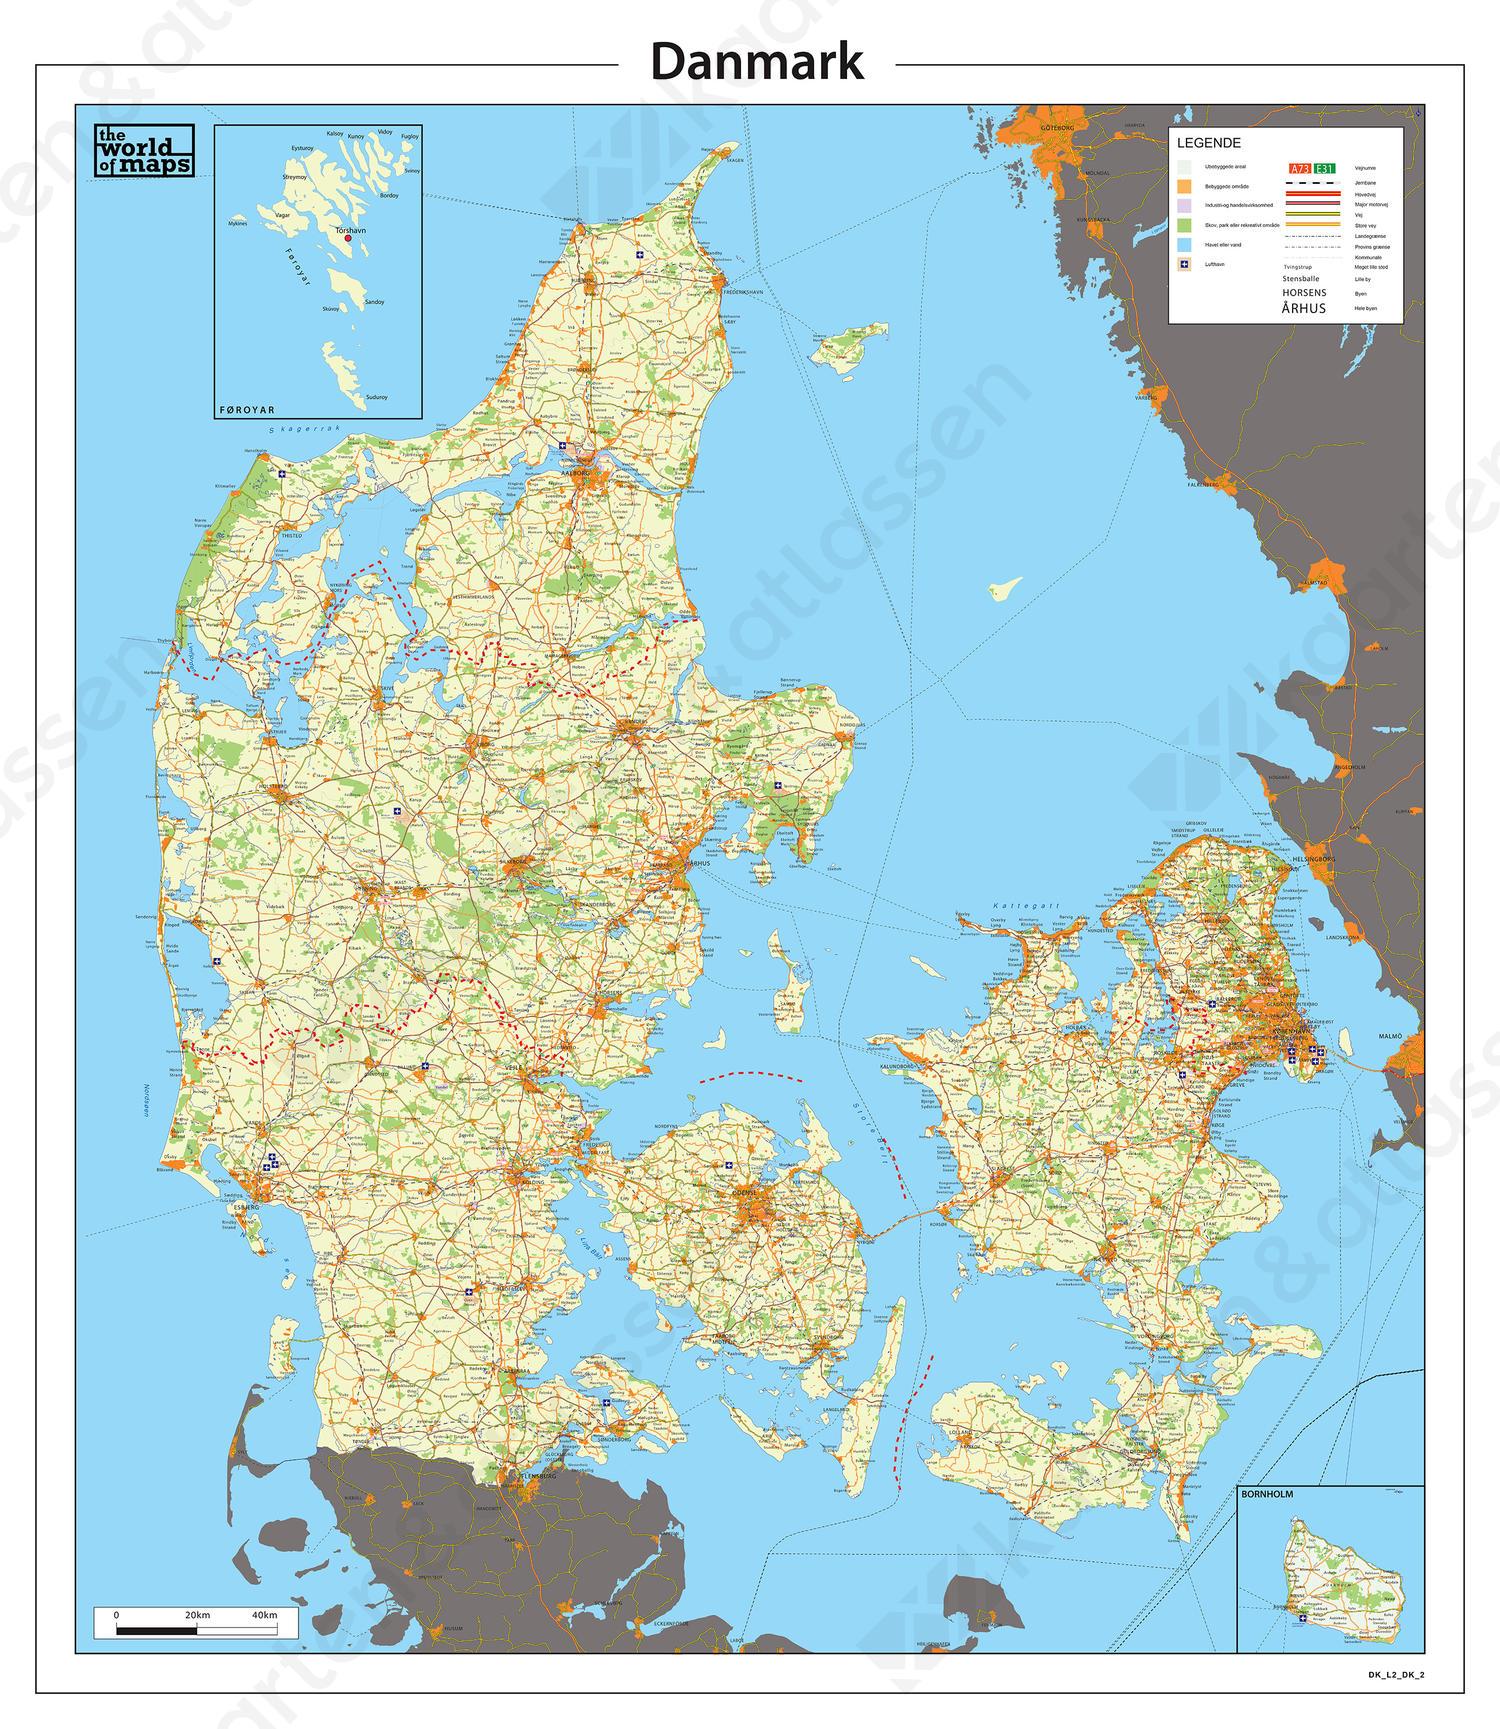 Gedetailleerde kaart van Denemarken